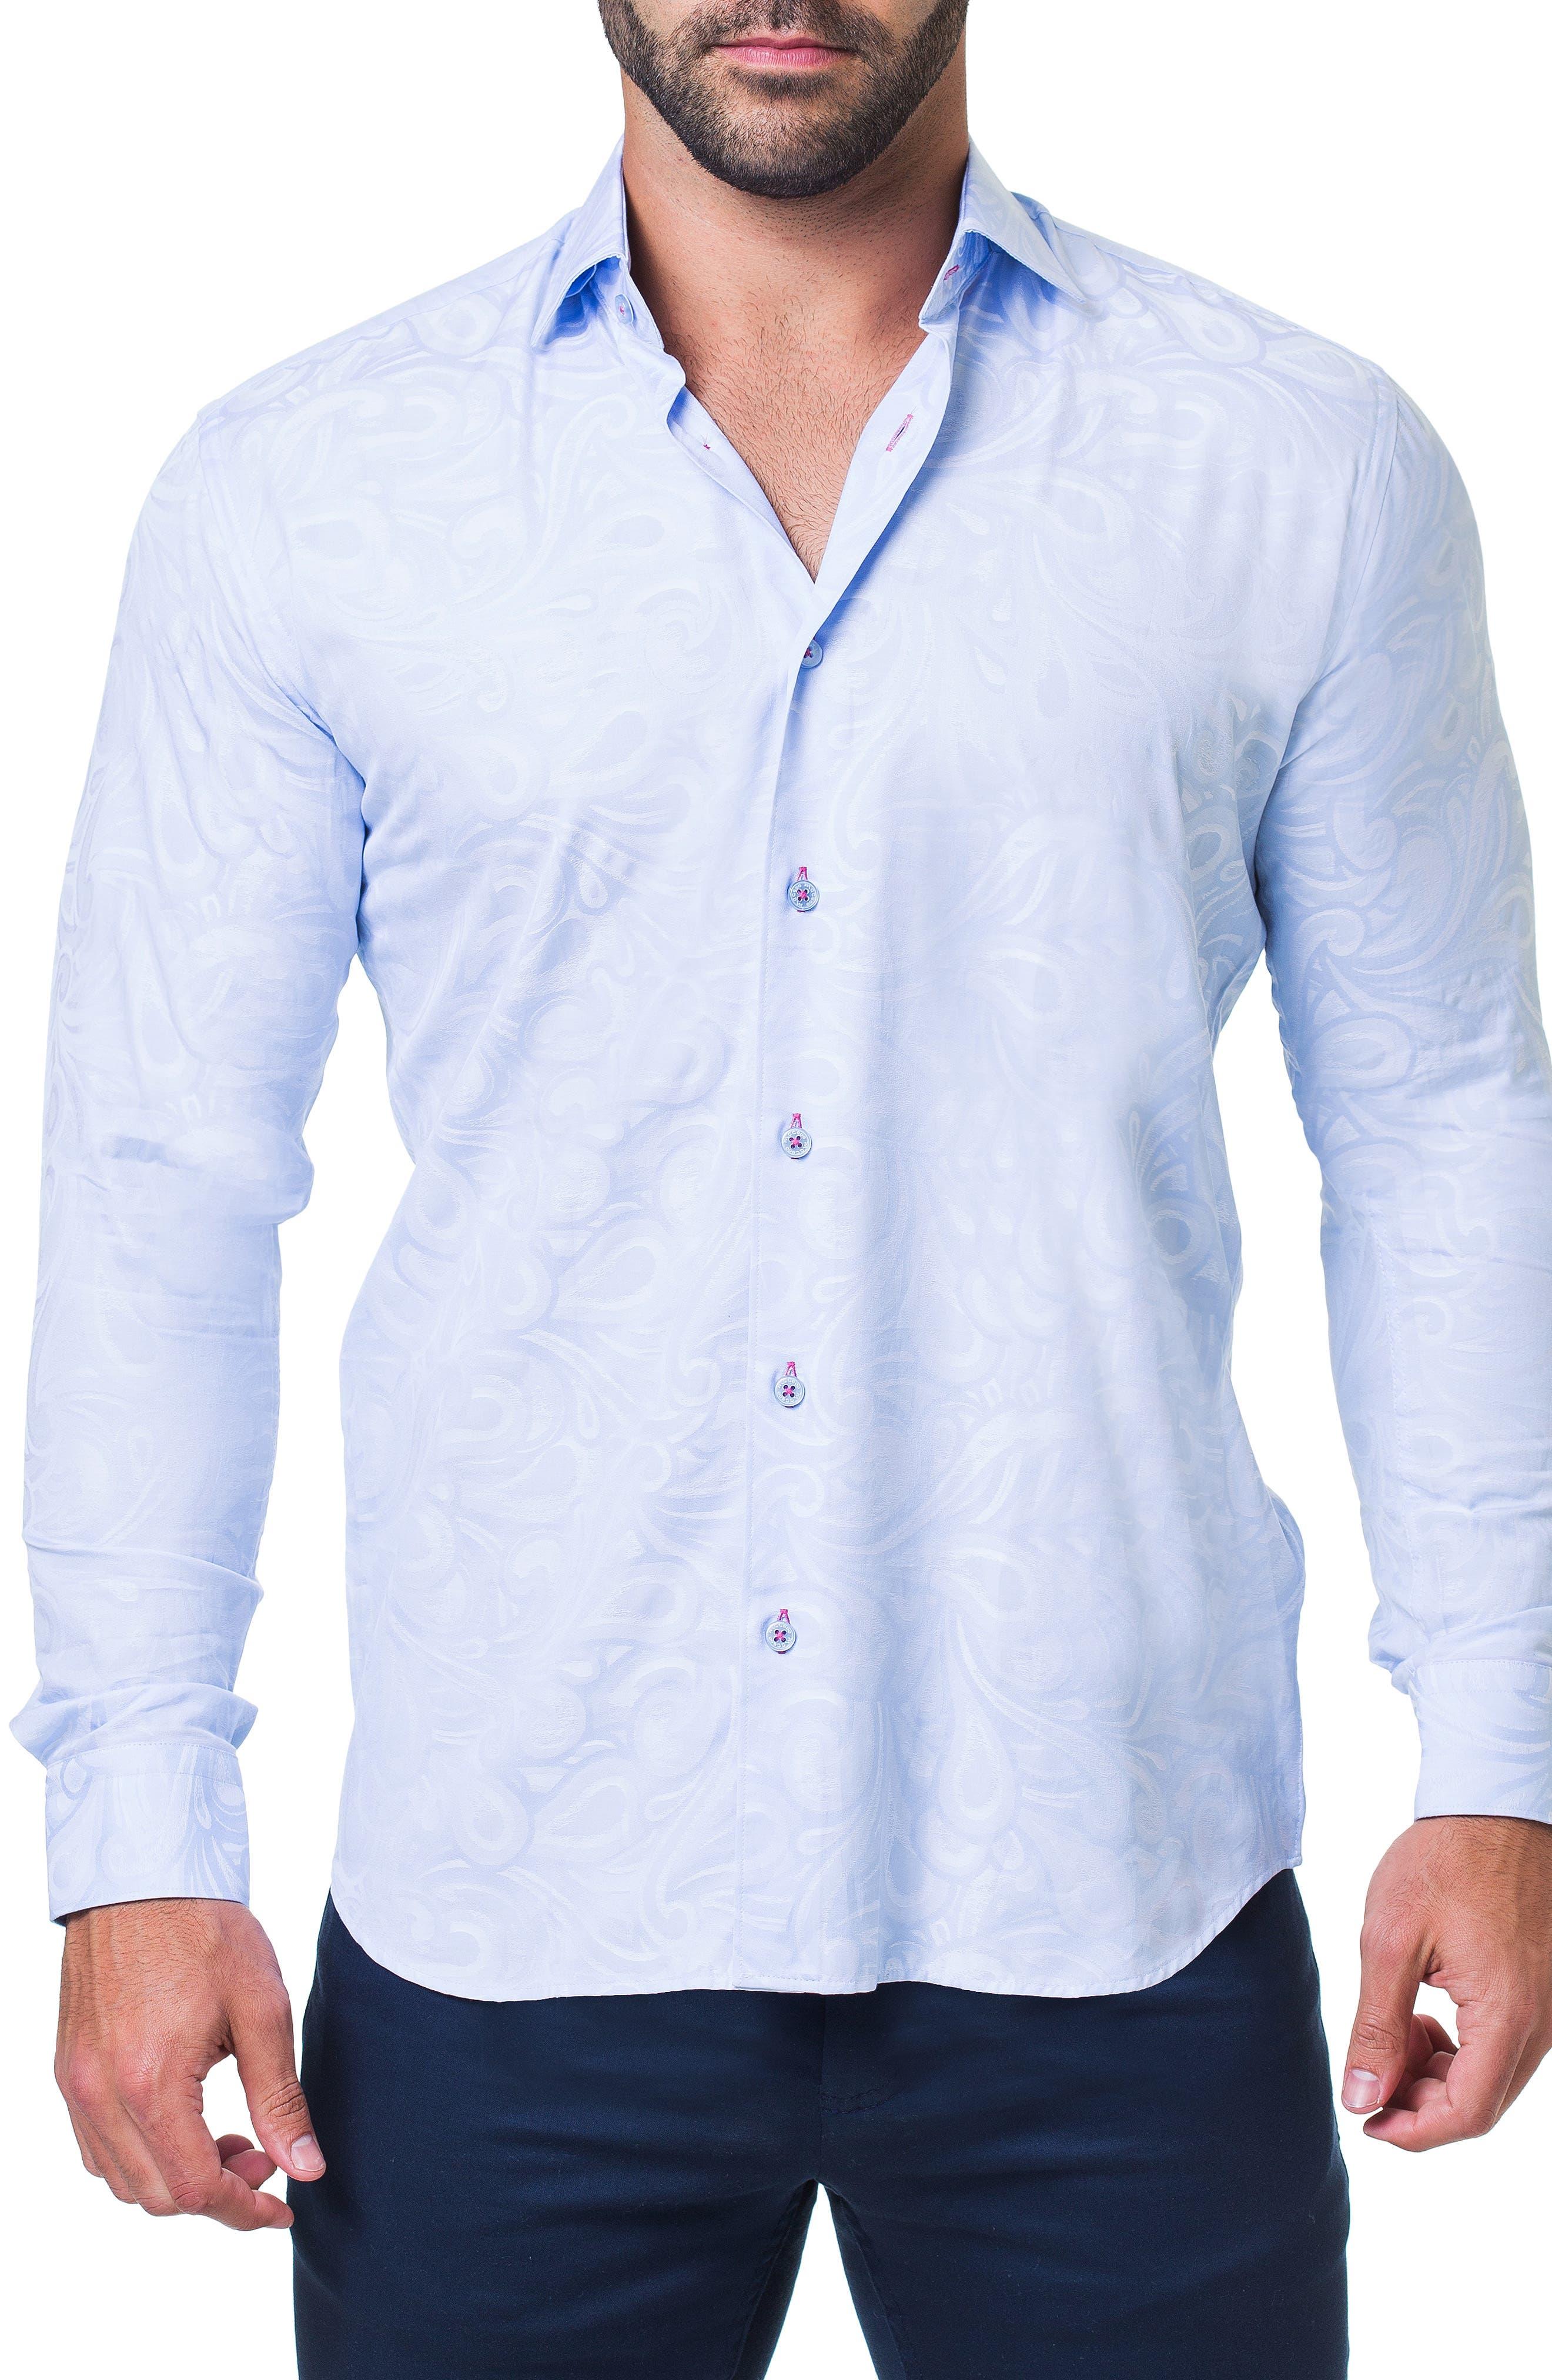 Fibonacci Flow Trim Fit Sport Shirt,                             Main thumbnail 1, color,                             BLUE